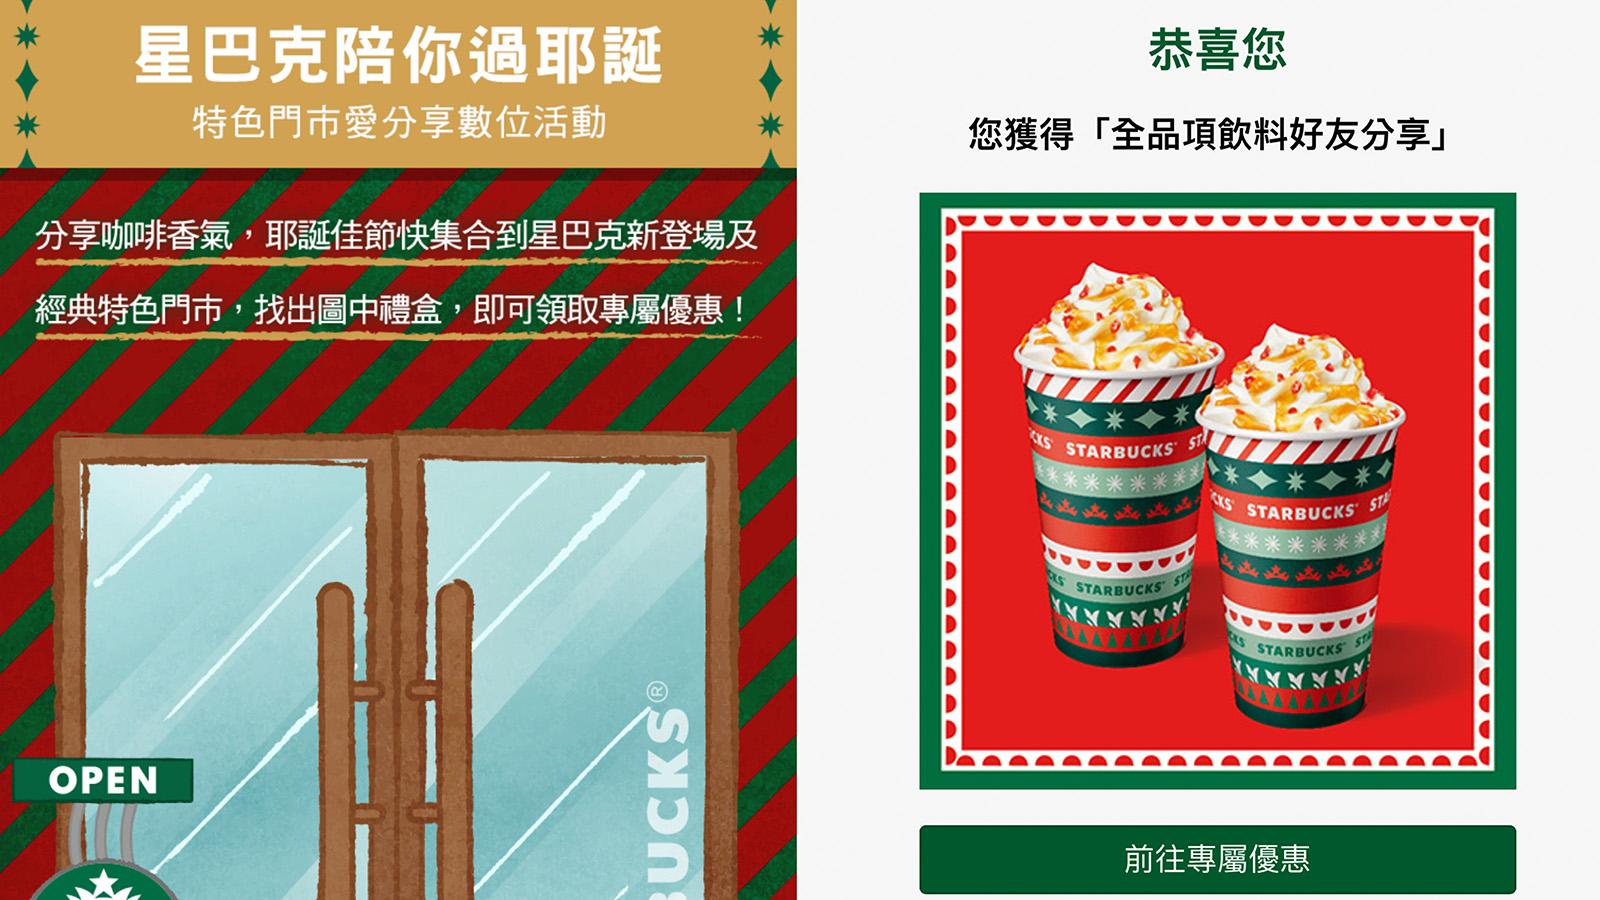 網站近期文章:☆【優惠】2020 星巴克Starbucks買一送一 最新優惠活動(更新中)2020/11/30(一)-2020/12/25(五)